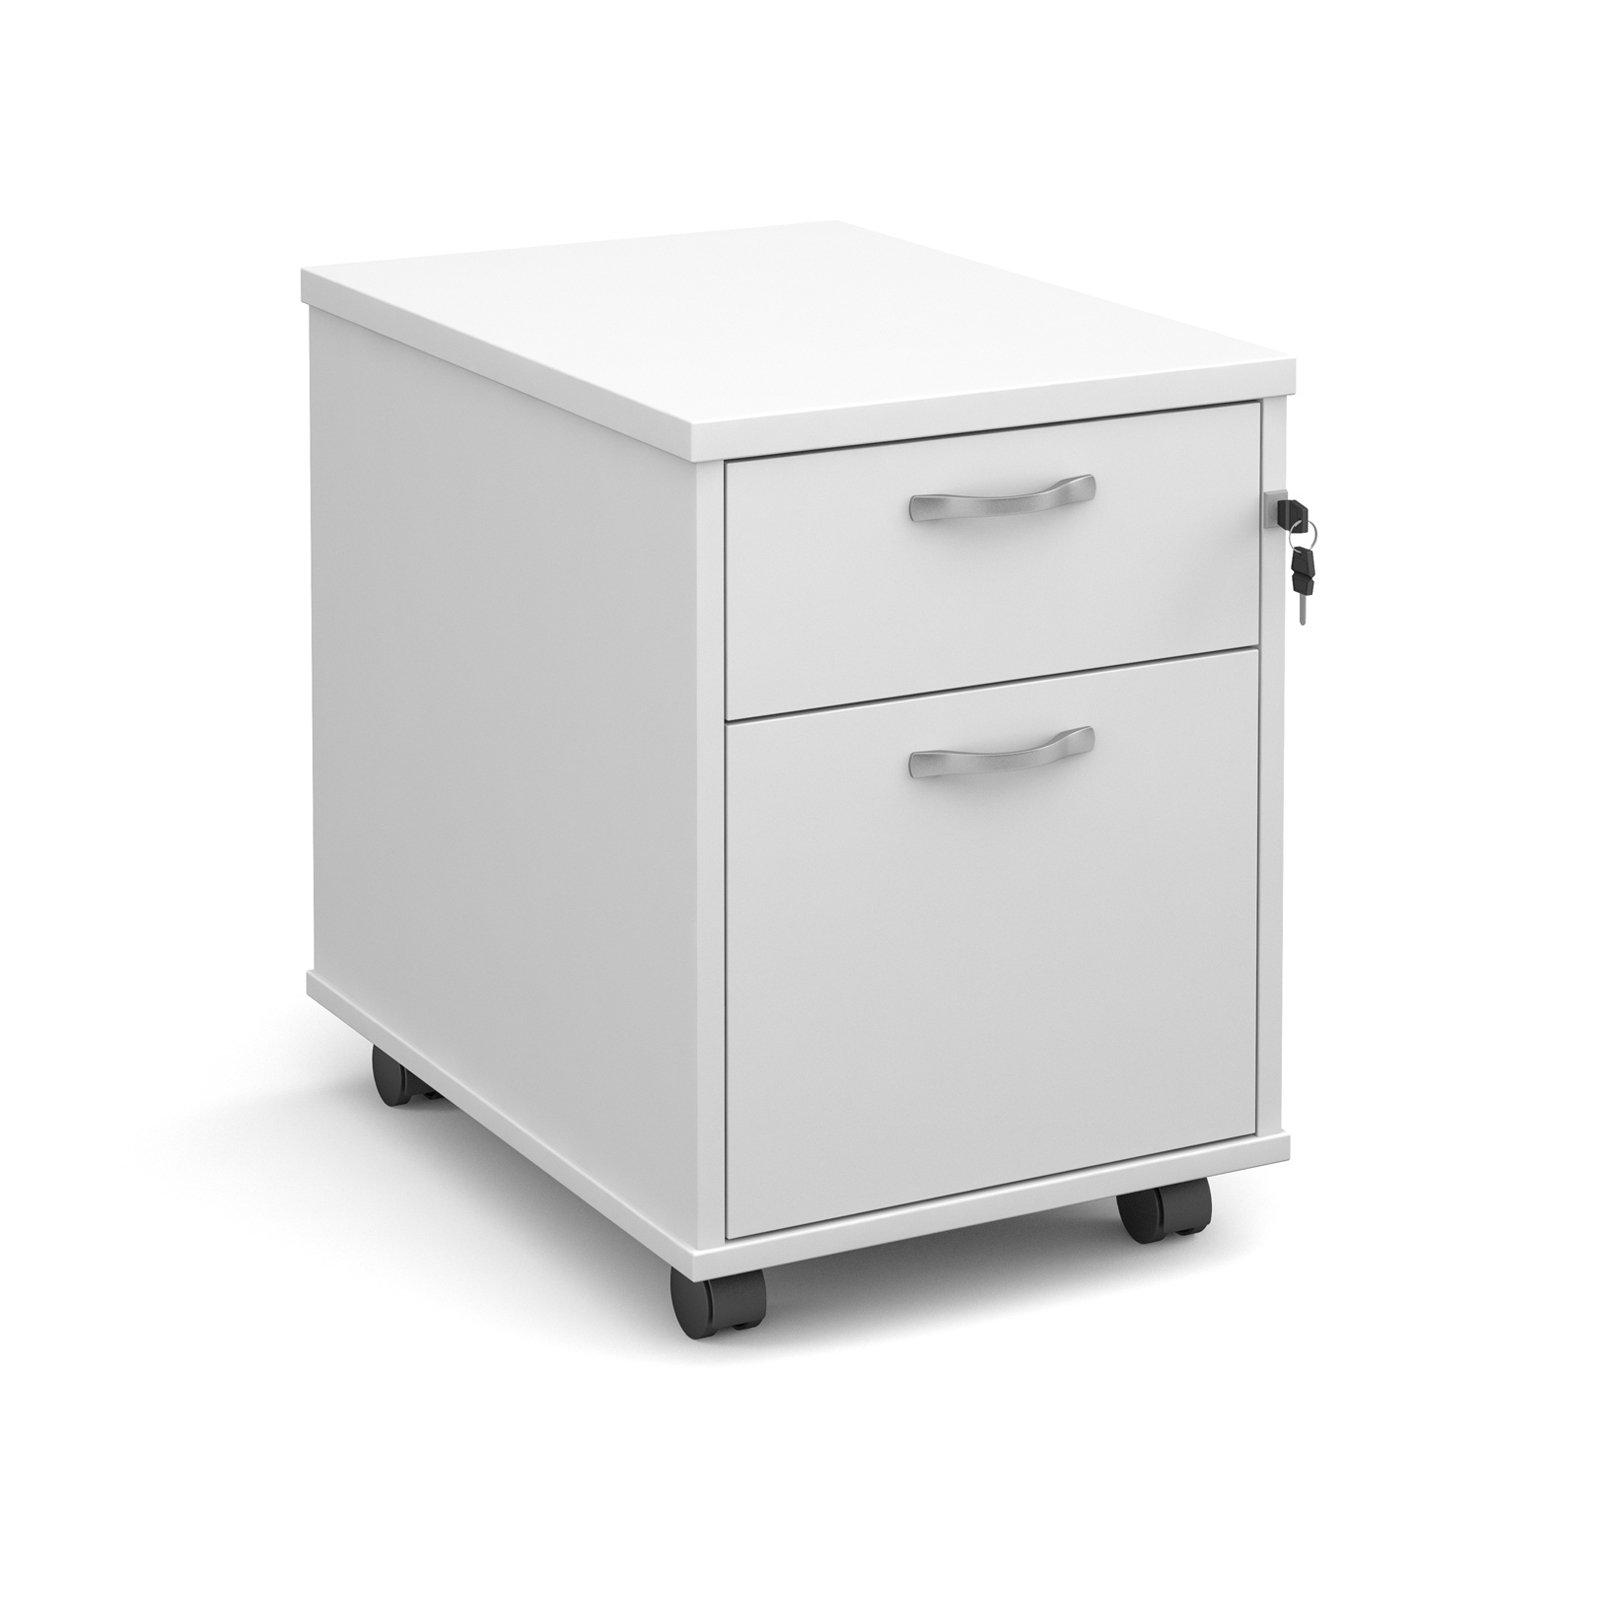 2 Drawer Locking Mobile Pedestal With Handles White 426Wx600Dx567H